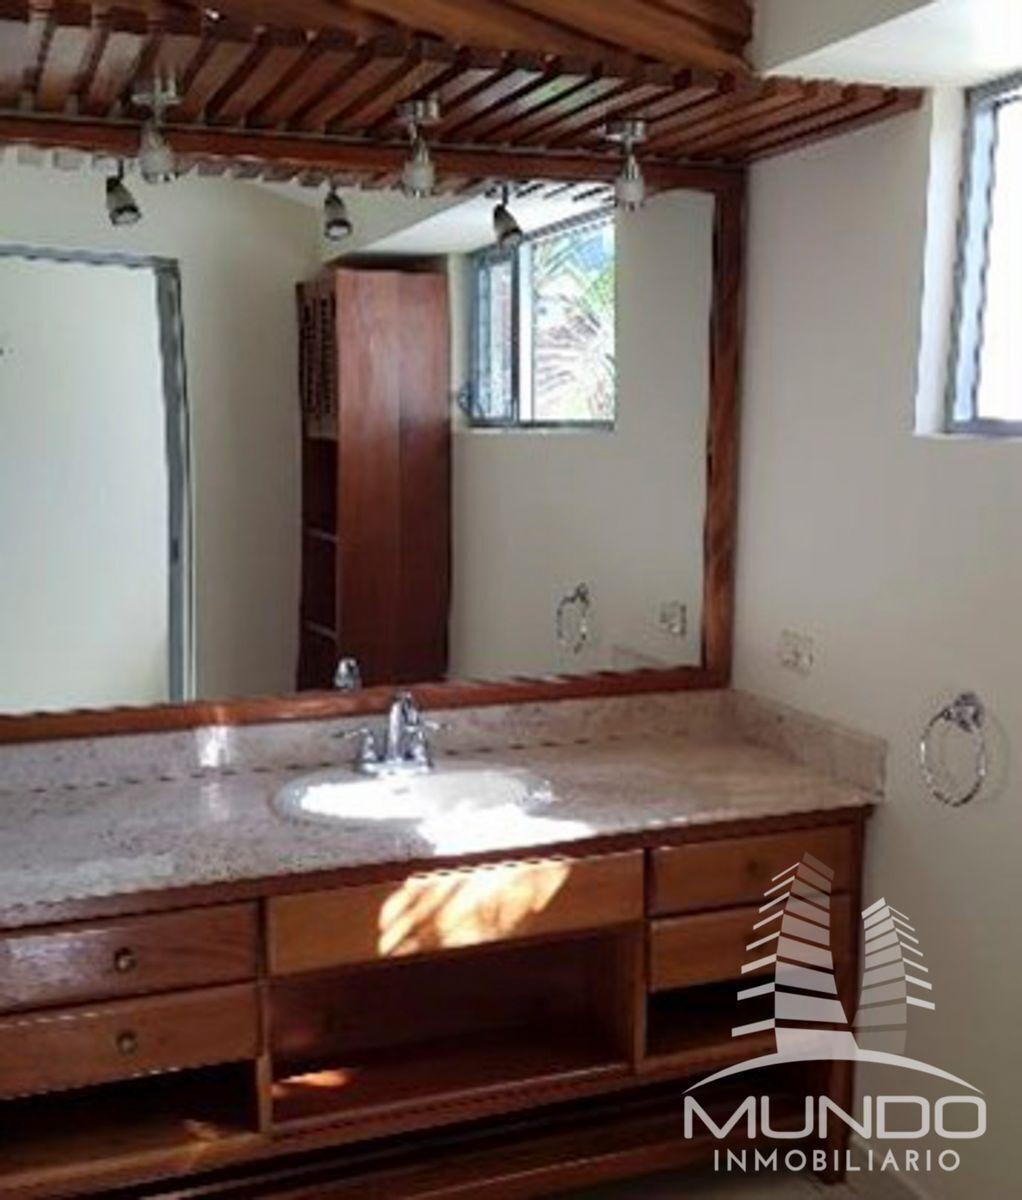 13 de 27: Baños con espejos y muebles de baño.